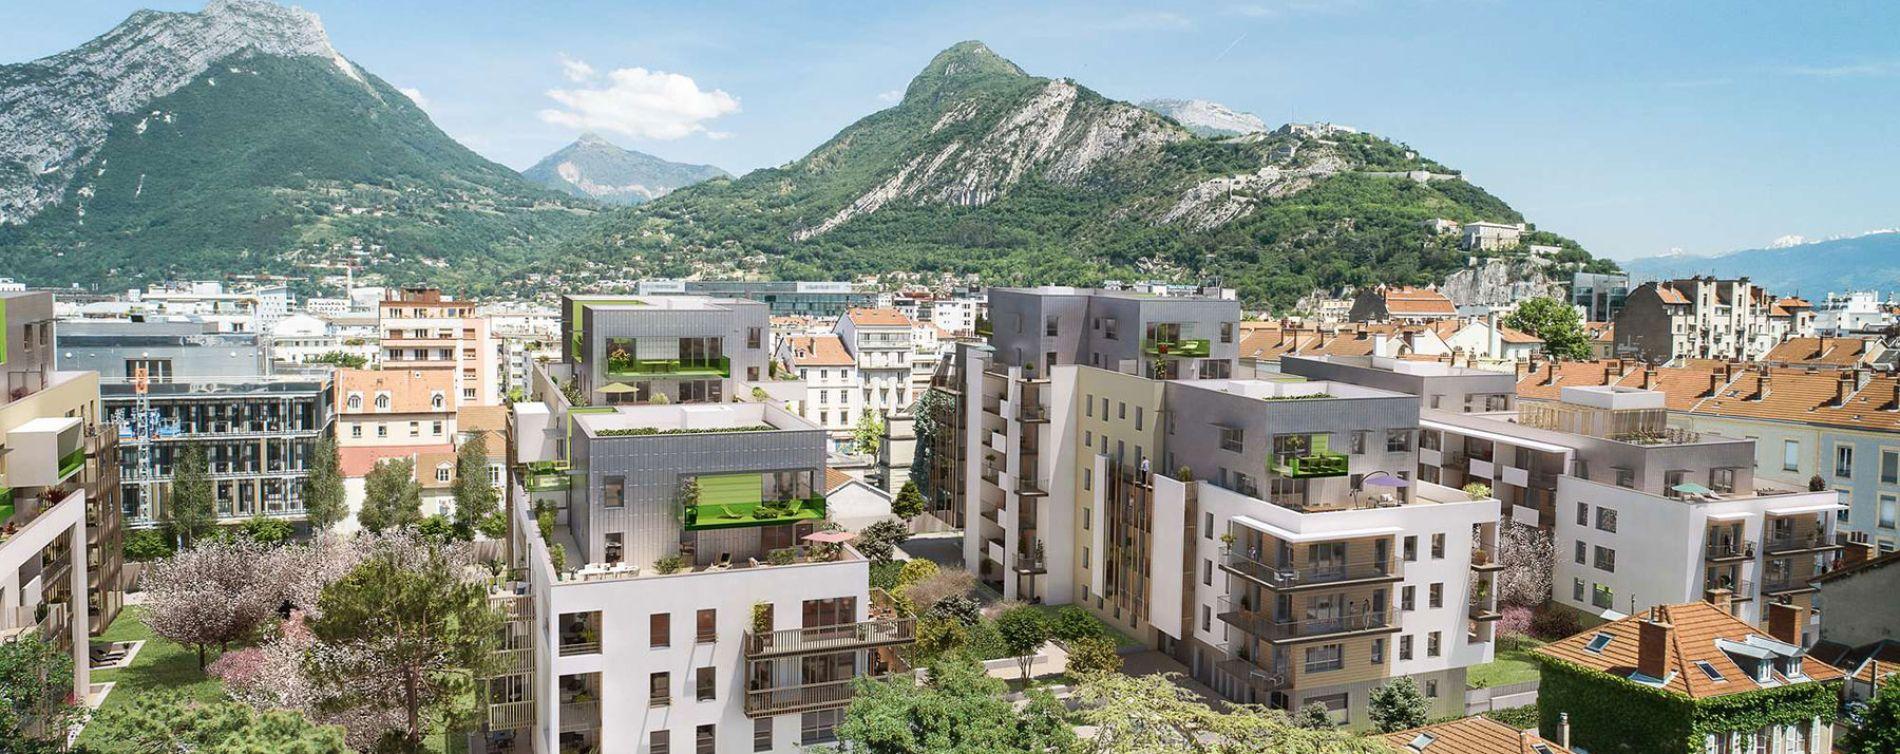 Résidence La Manufacture à Grenoble